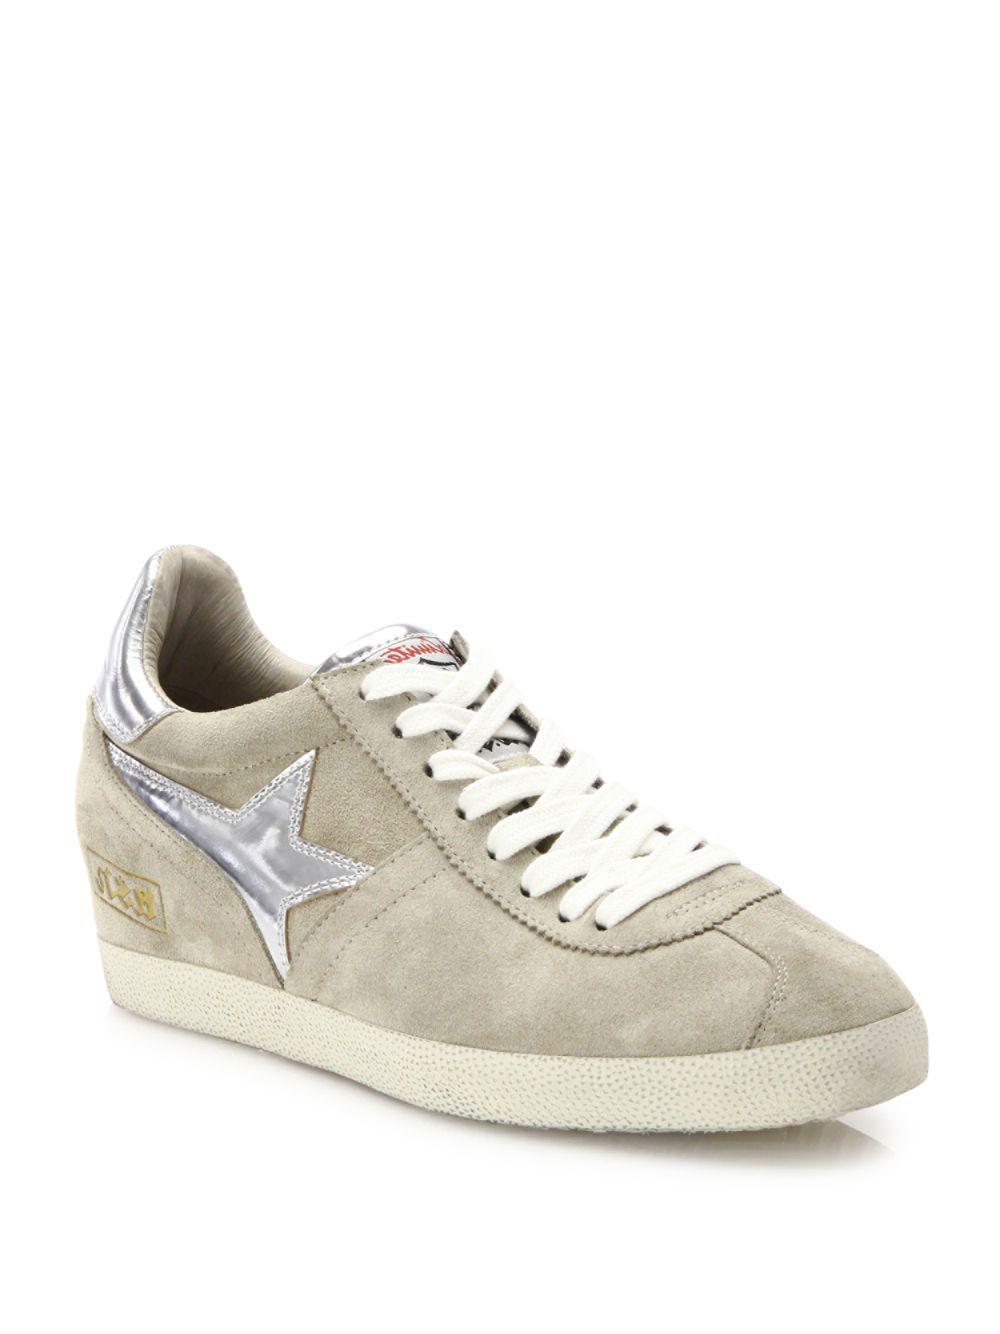 Ash. Women's Guepard Bis Suede & Metallic Leather Wedge Sneakers